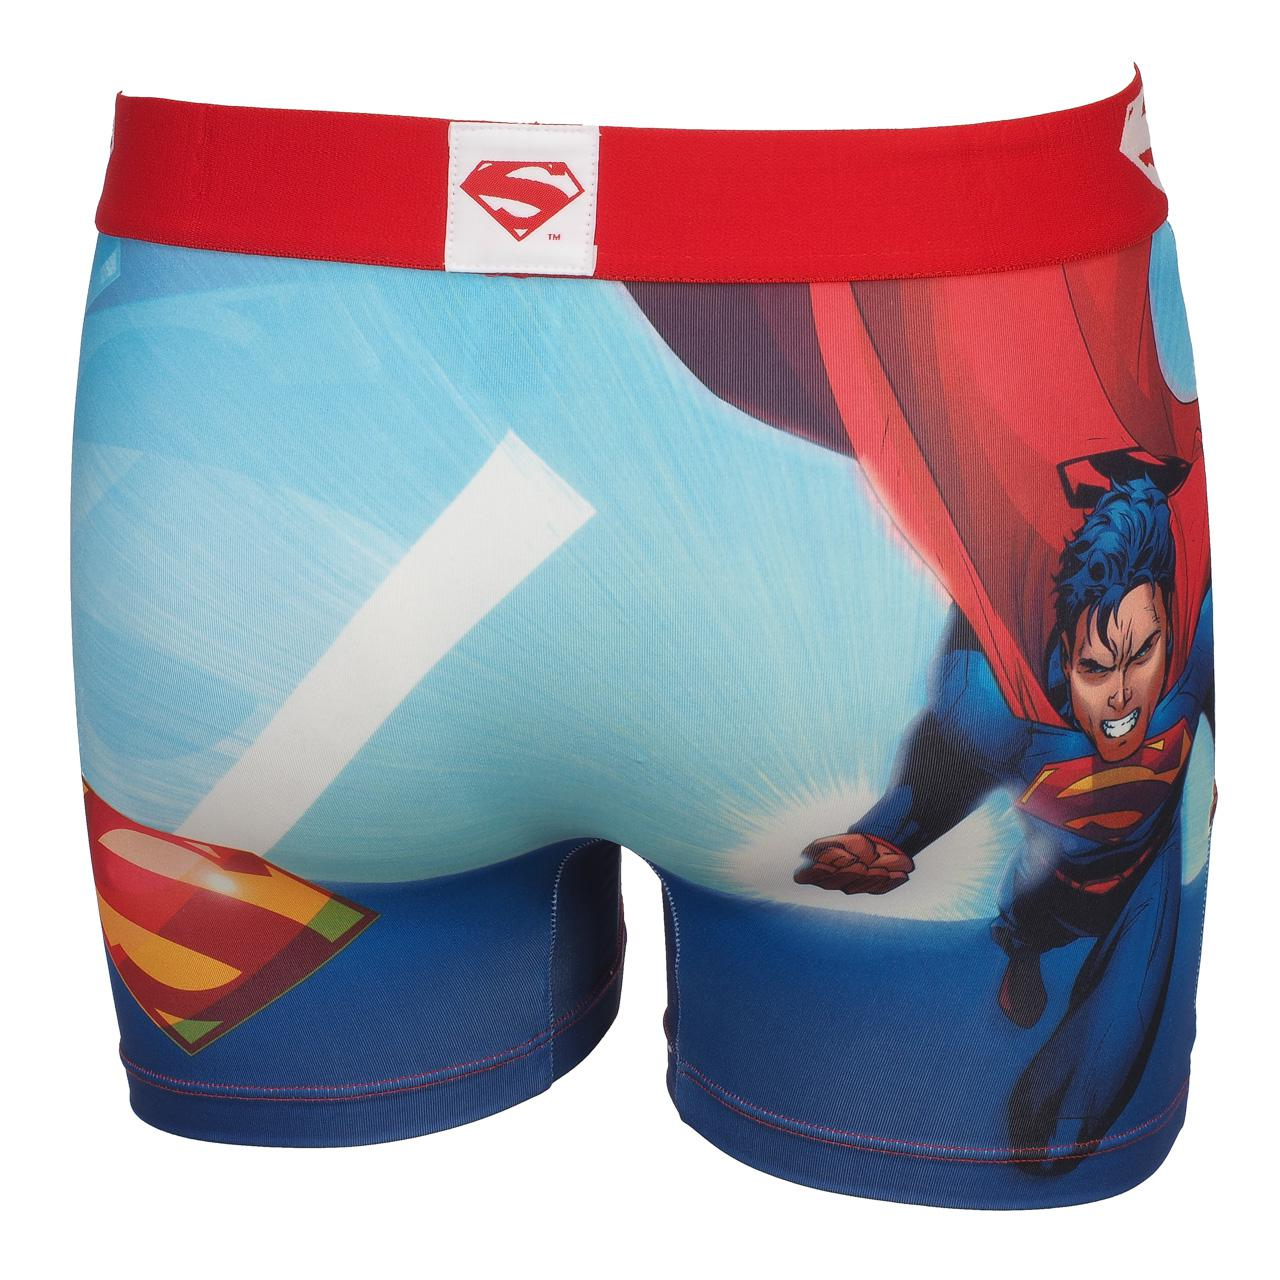 Underwear-Boxer-Freegun-Fly-Blue-Rge-Boxer-White-17911-New thumbnail 5